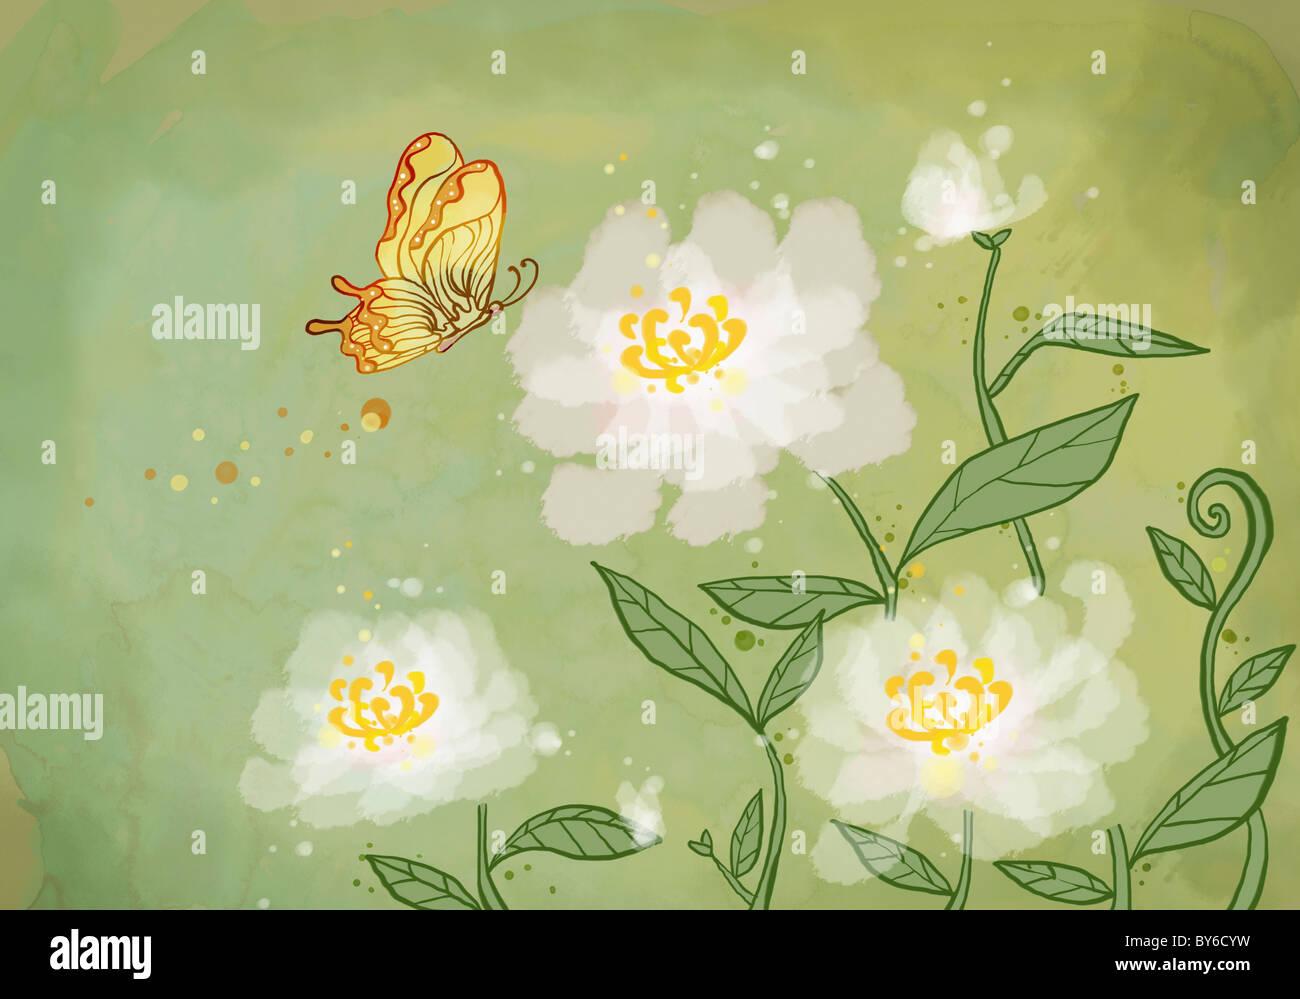 Neujahrs Gruß Abbildung in orientalische Stimmung Stockfoto